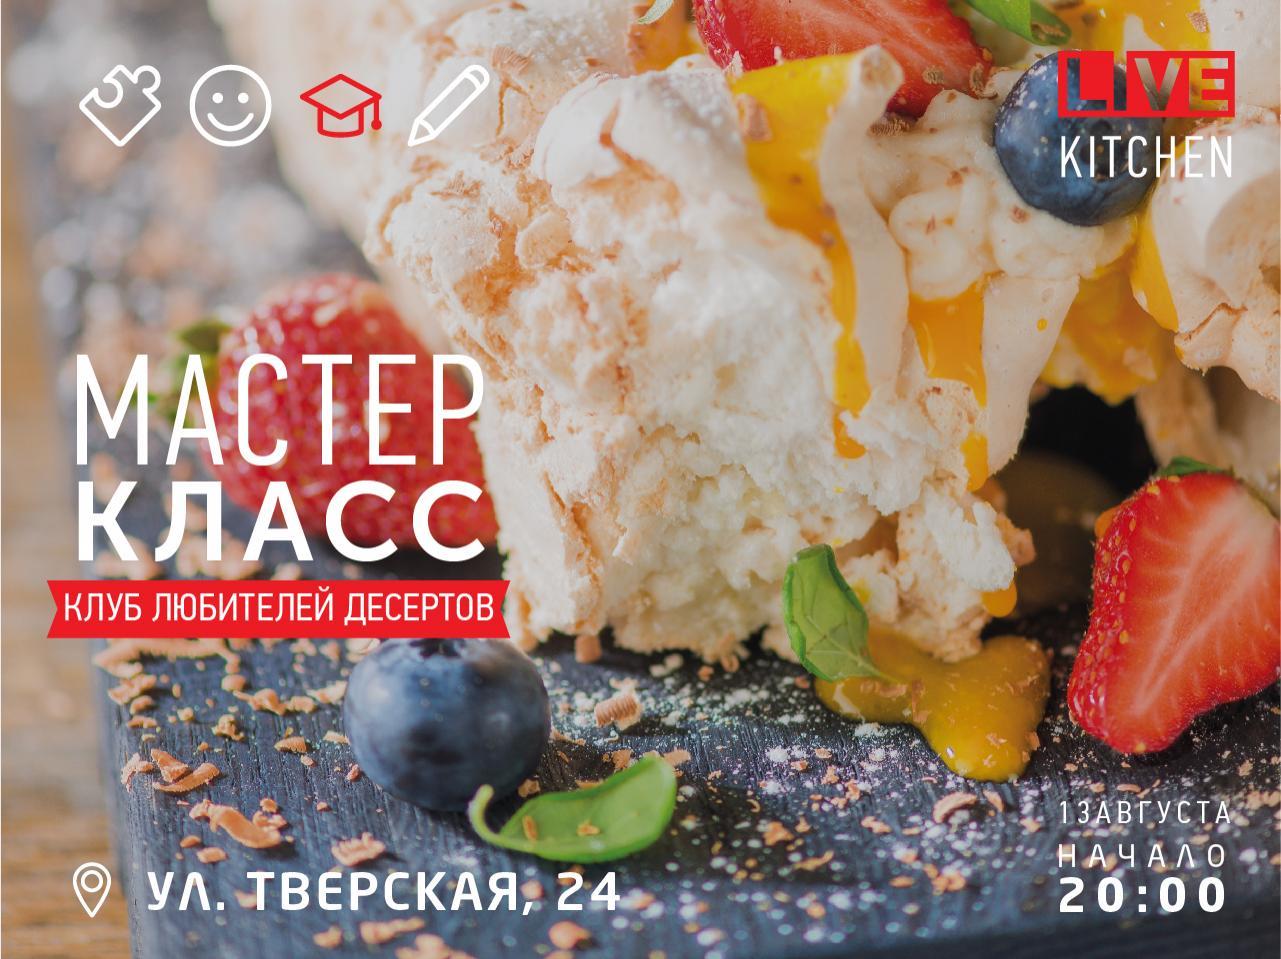 """Мастер-класс """"Клуб любителей десертов"""""""